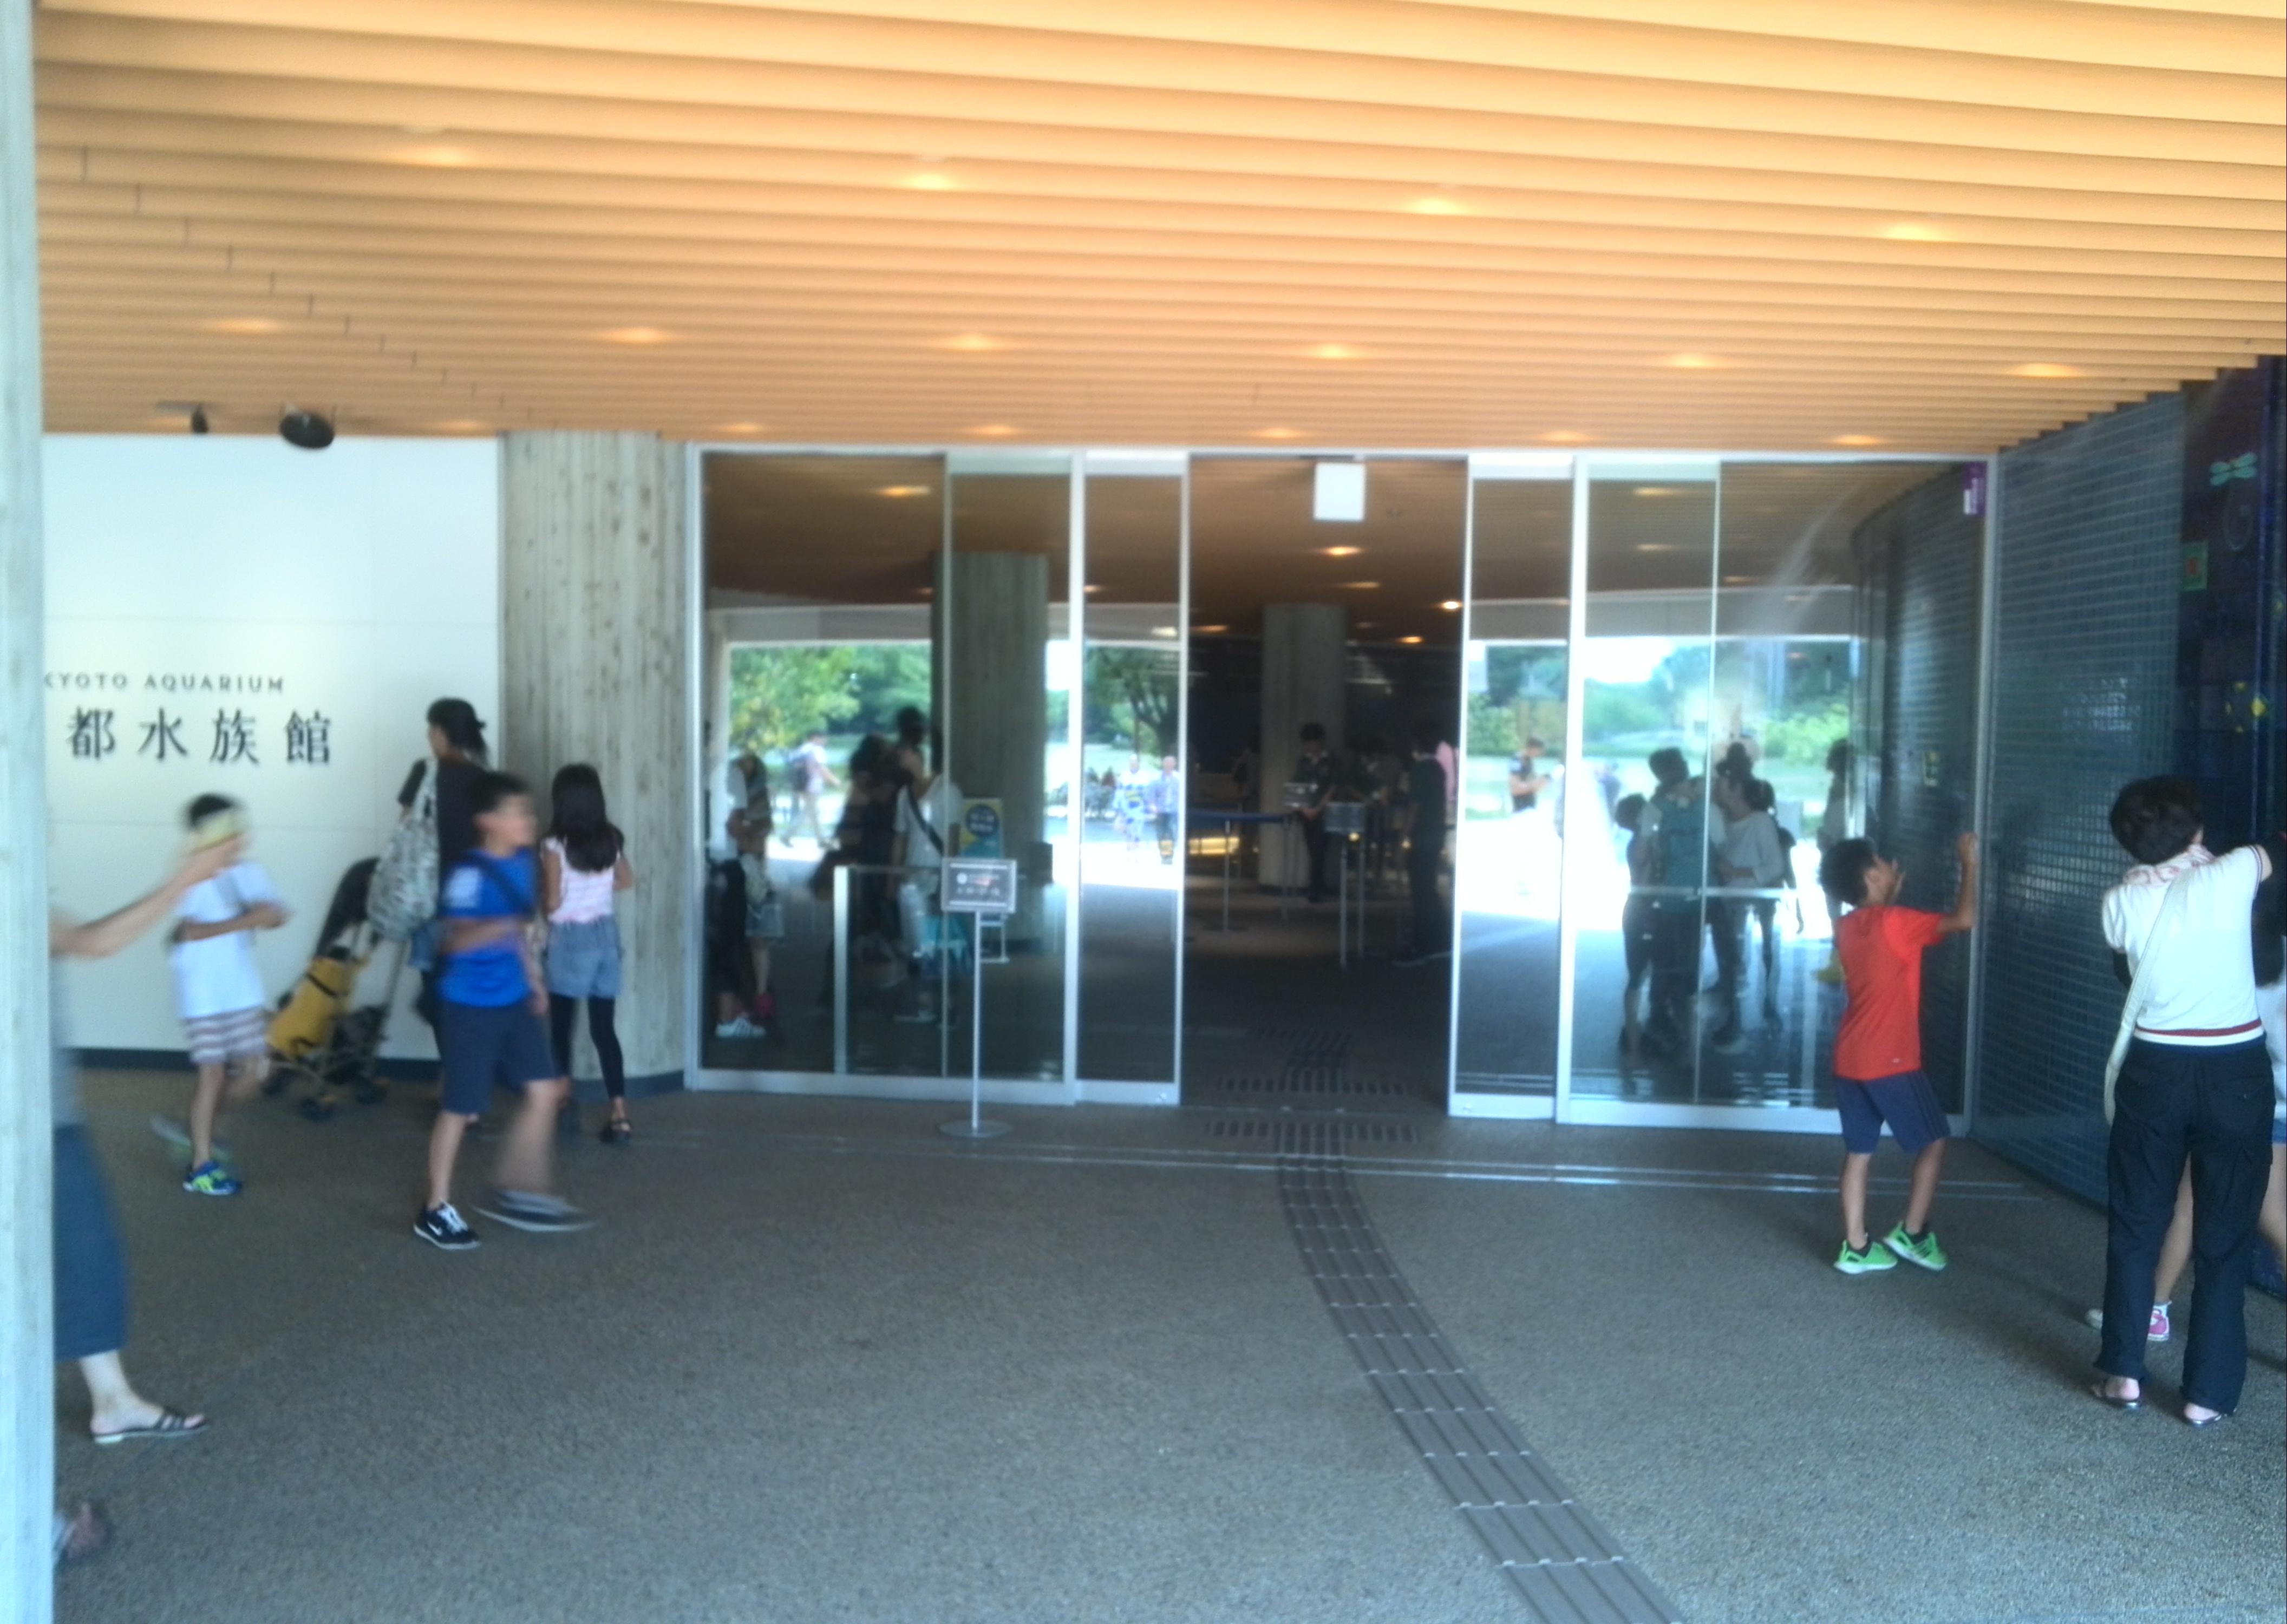 京都水族館の入り口